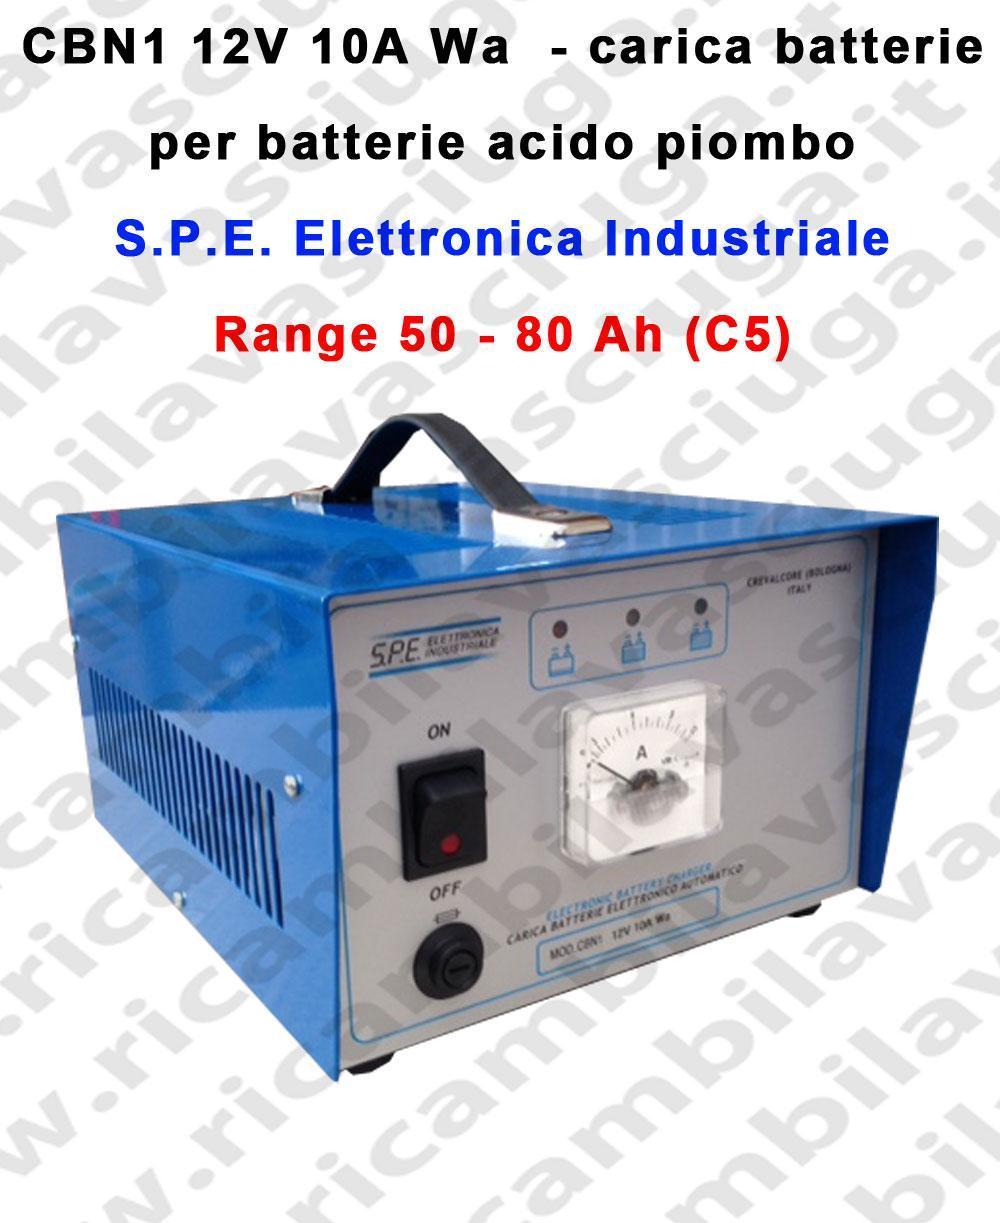 CBN1 12V 10A Wa chargeur de batterie pour batterie acido plombe S.P.E. Elettronica Industriale